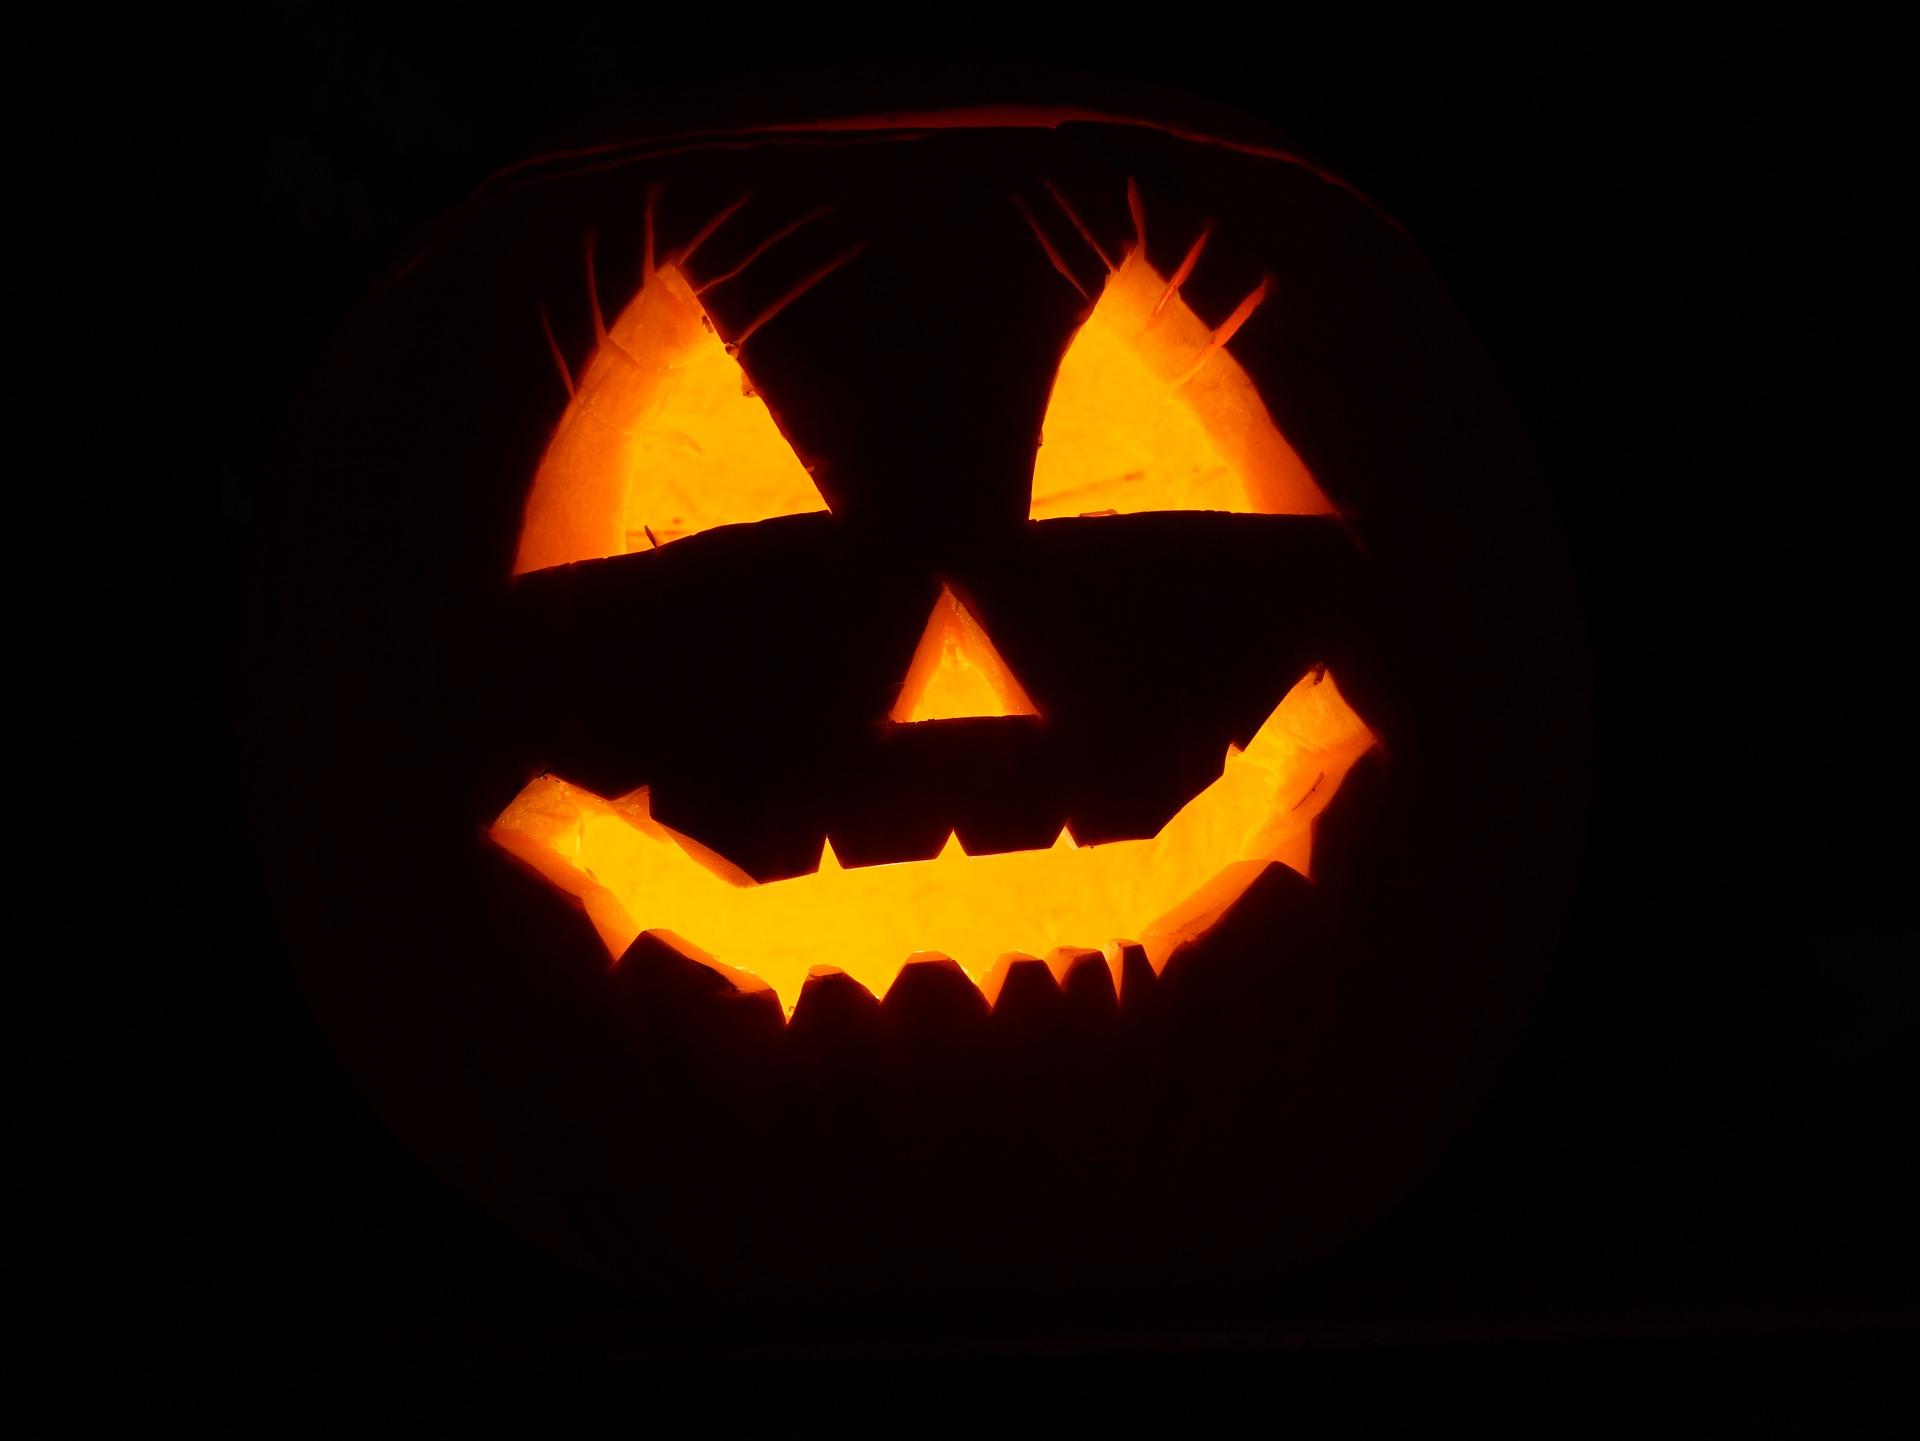 Citazioni di Halloween: vestitevi da libri, la cultura fa paura!